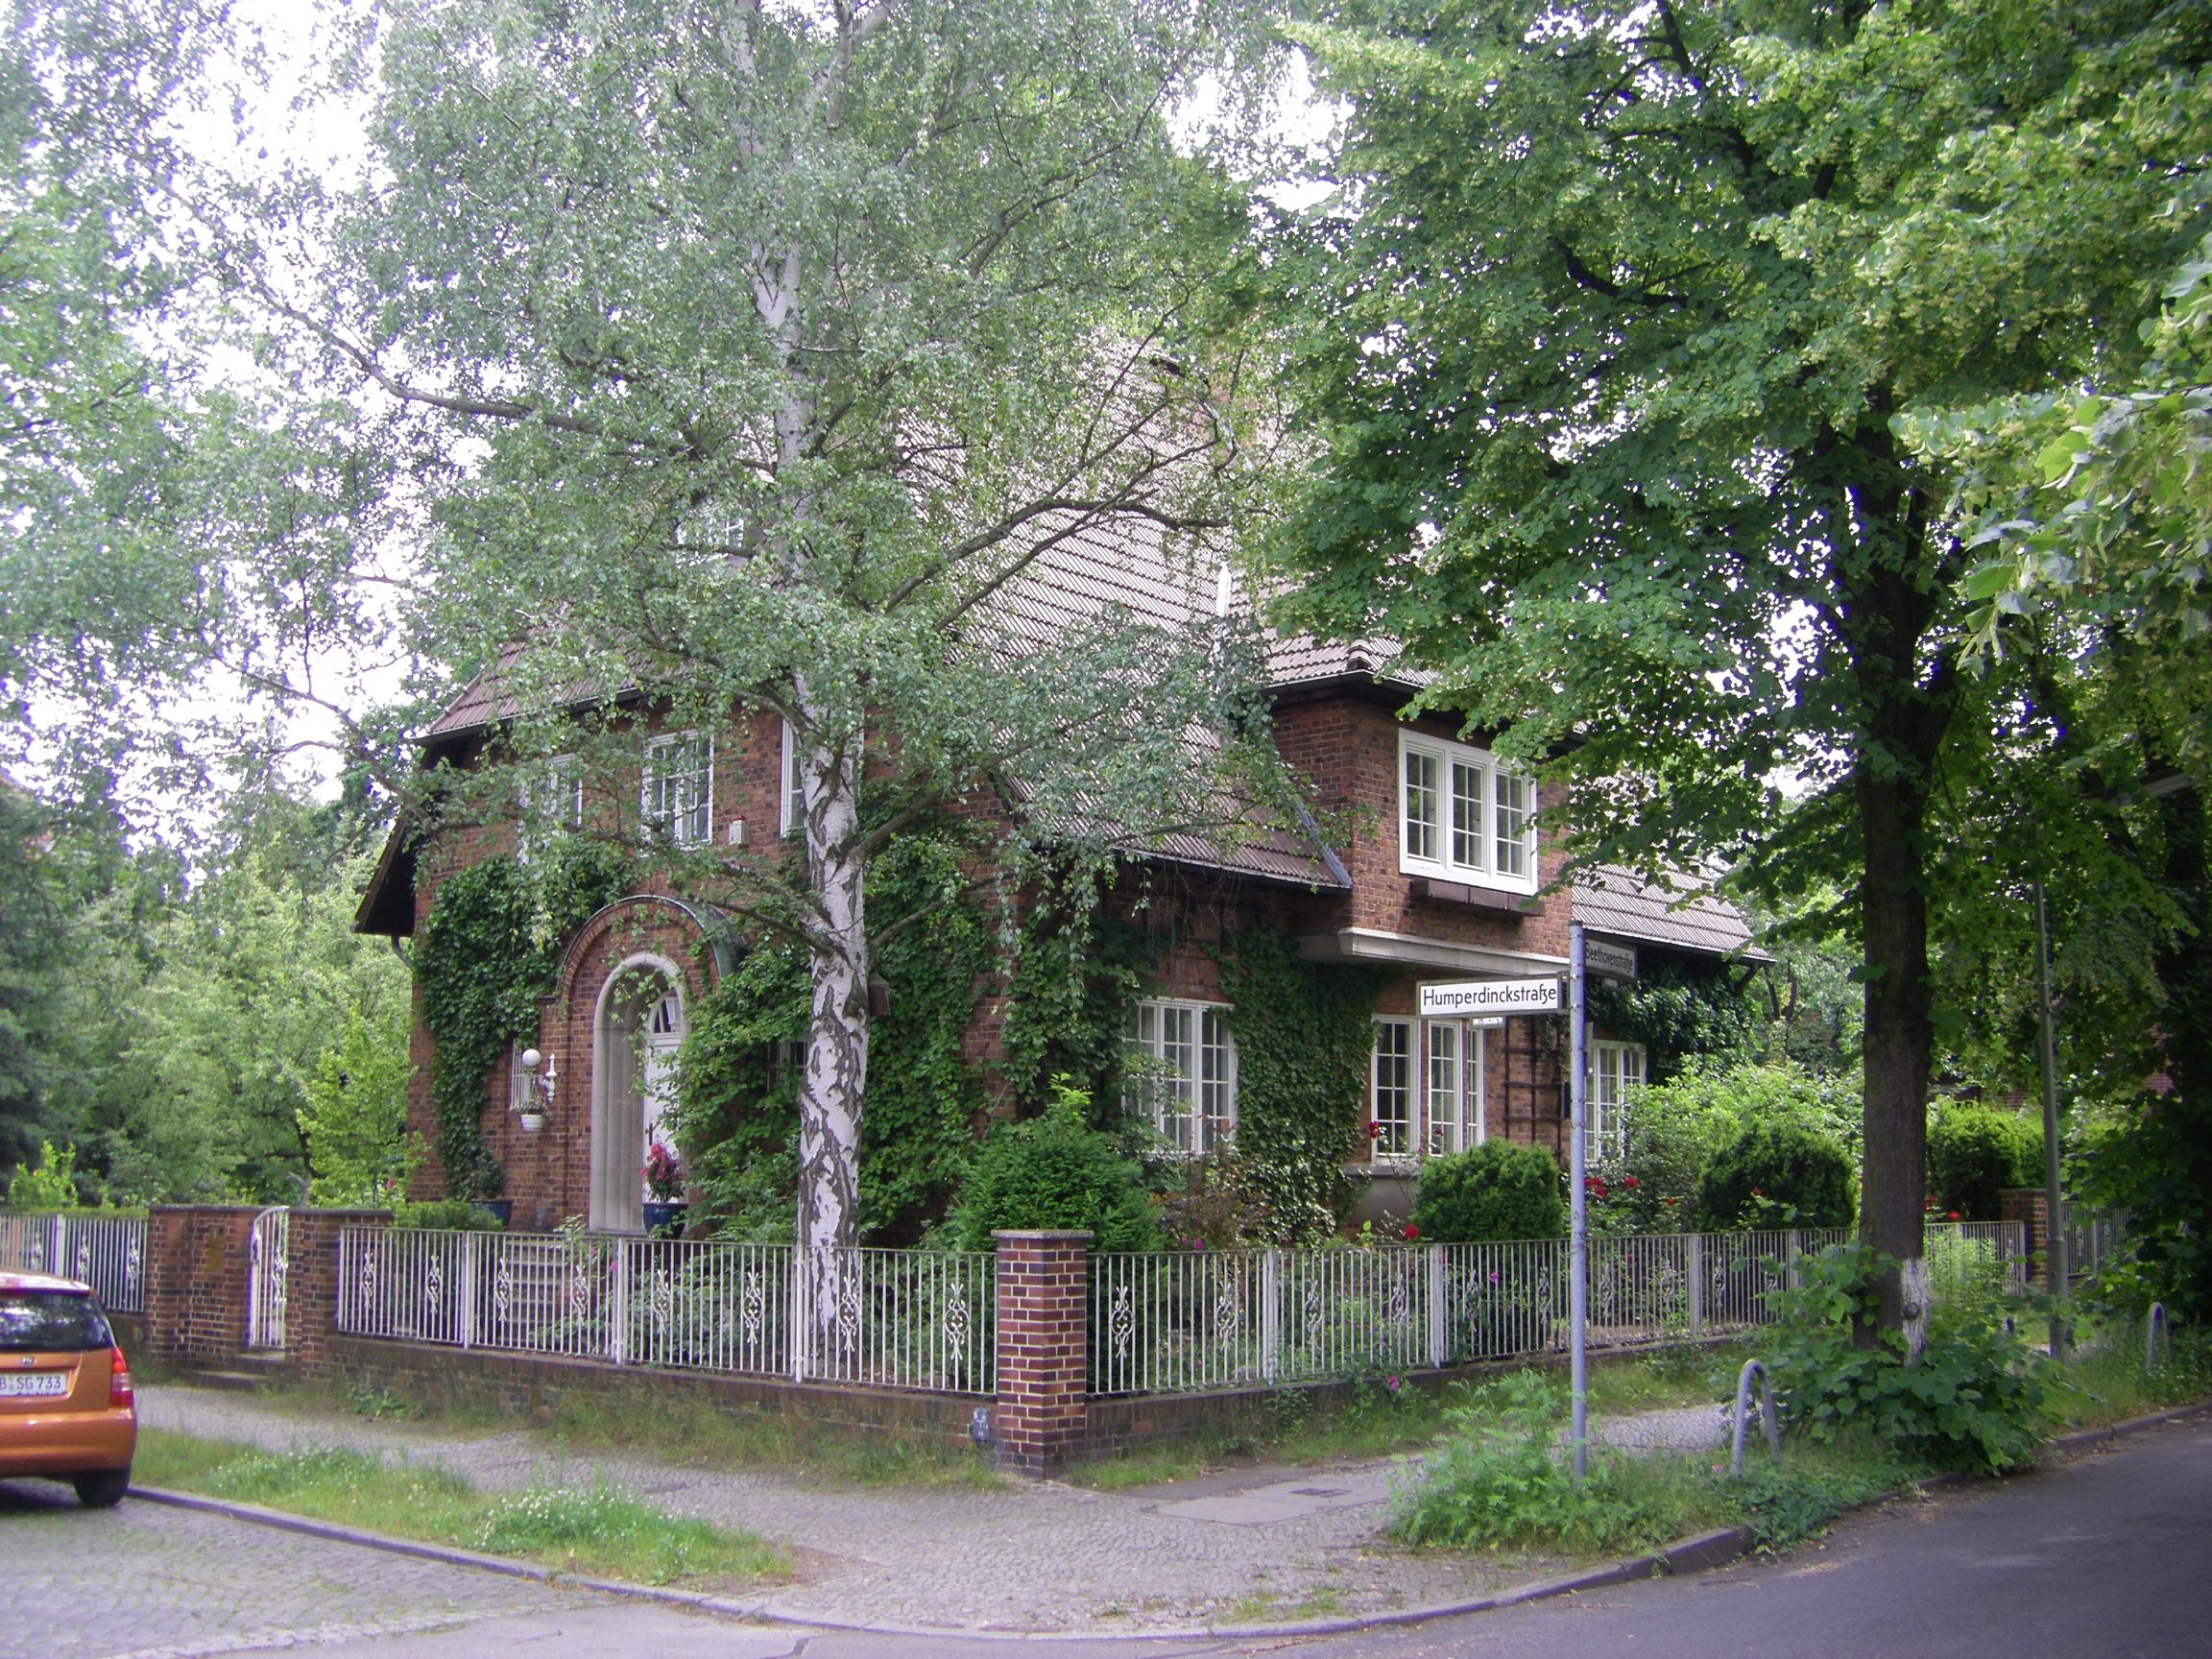 FileBerlin-Lankwitz Humperdinckstrau00dfe.JPG - Wikimedia Commons